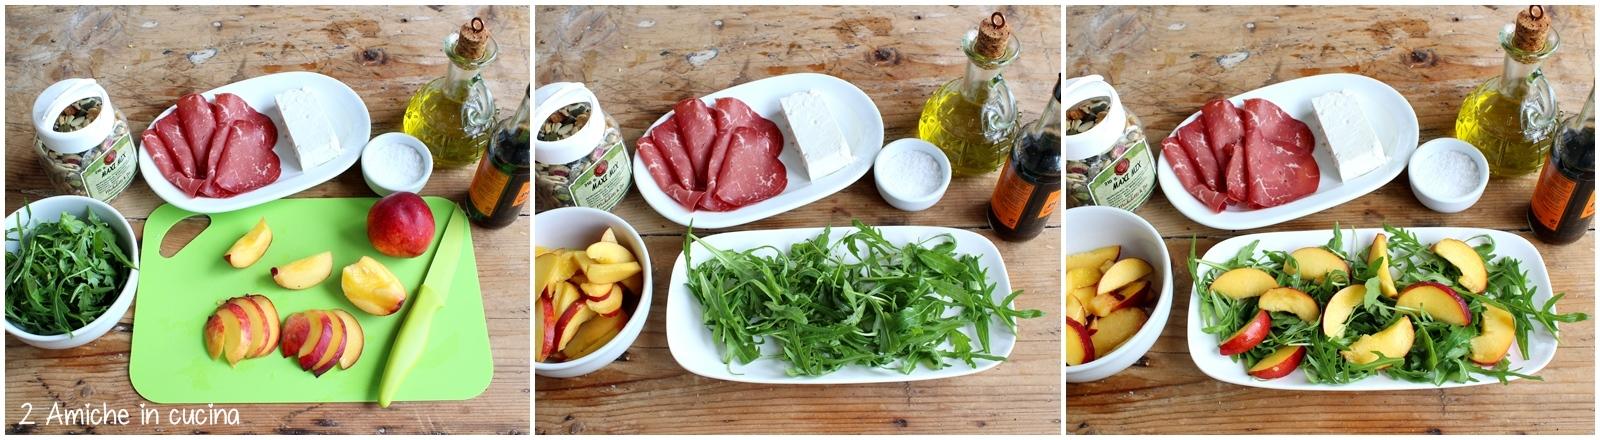 insalata di pesche estiva con rucola, bresaola e maxi mix